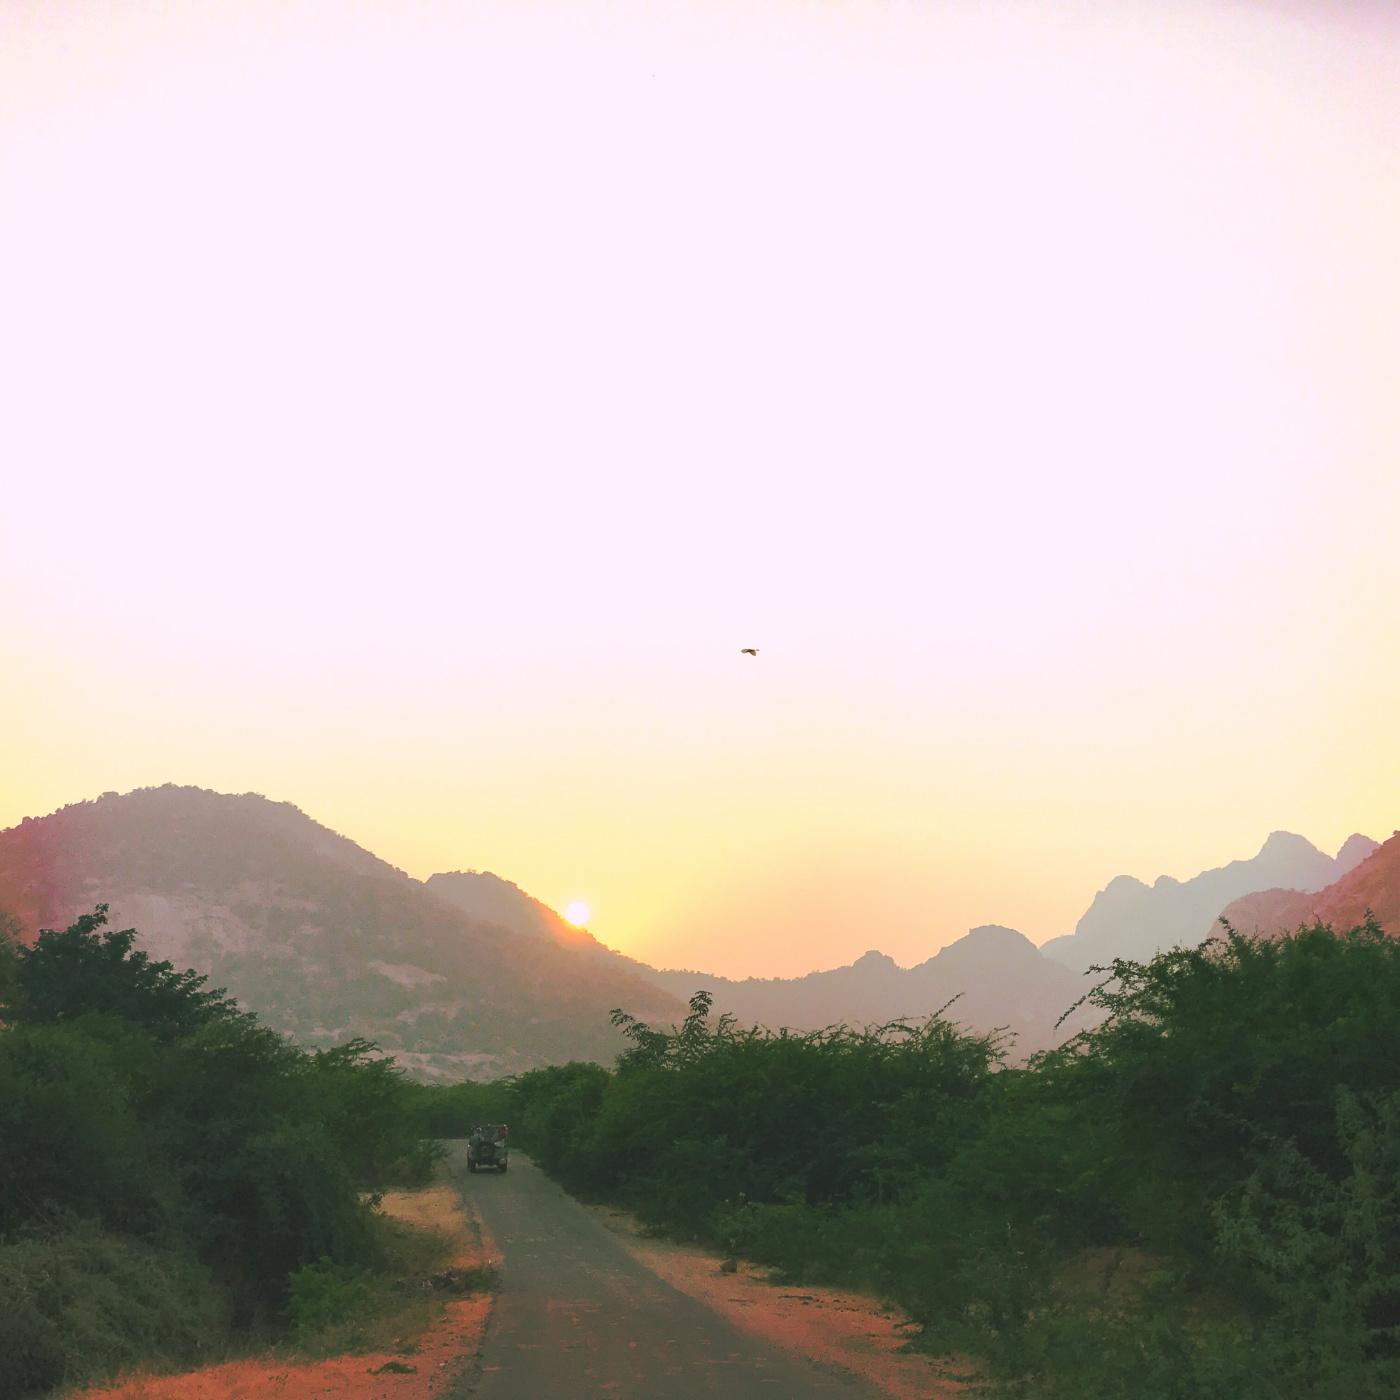 659-India-Bhenswara